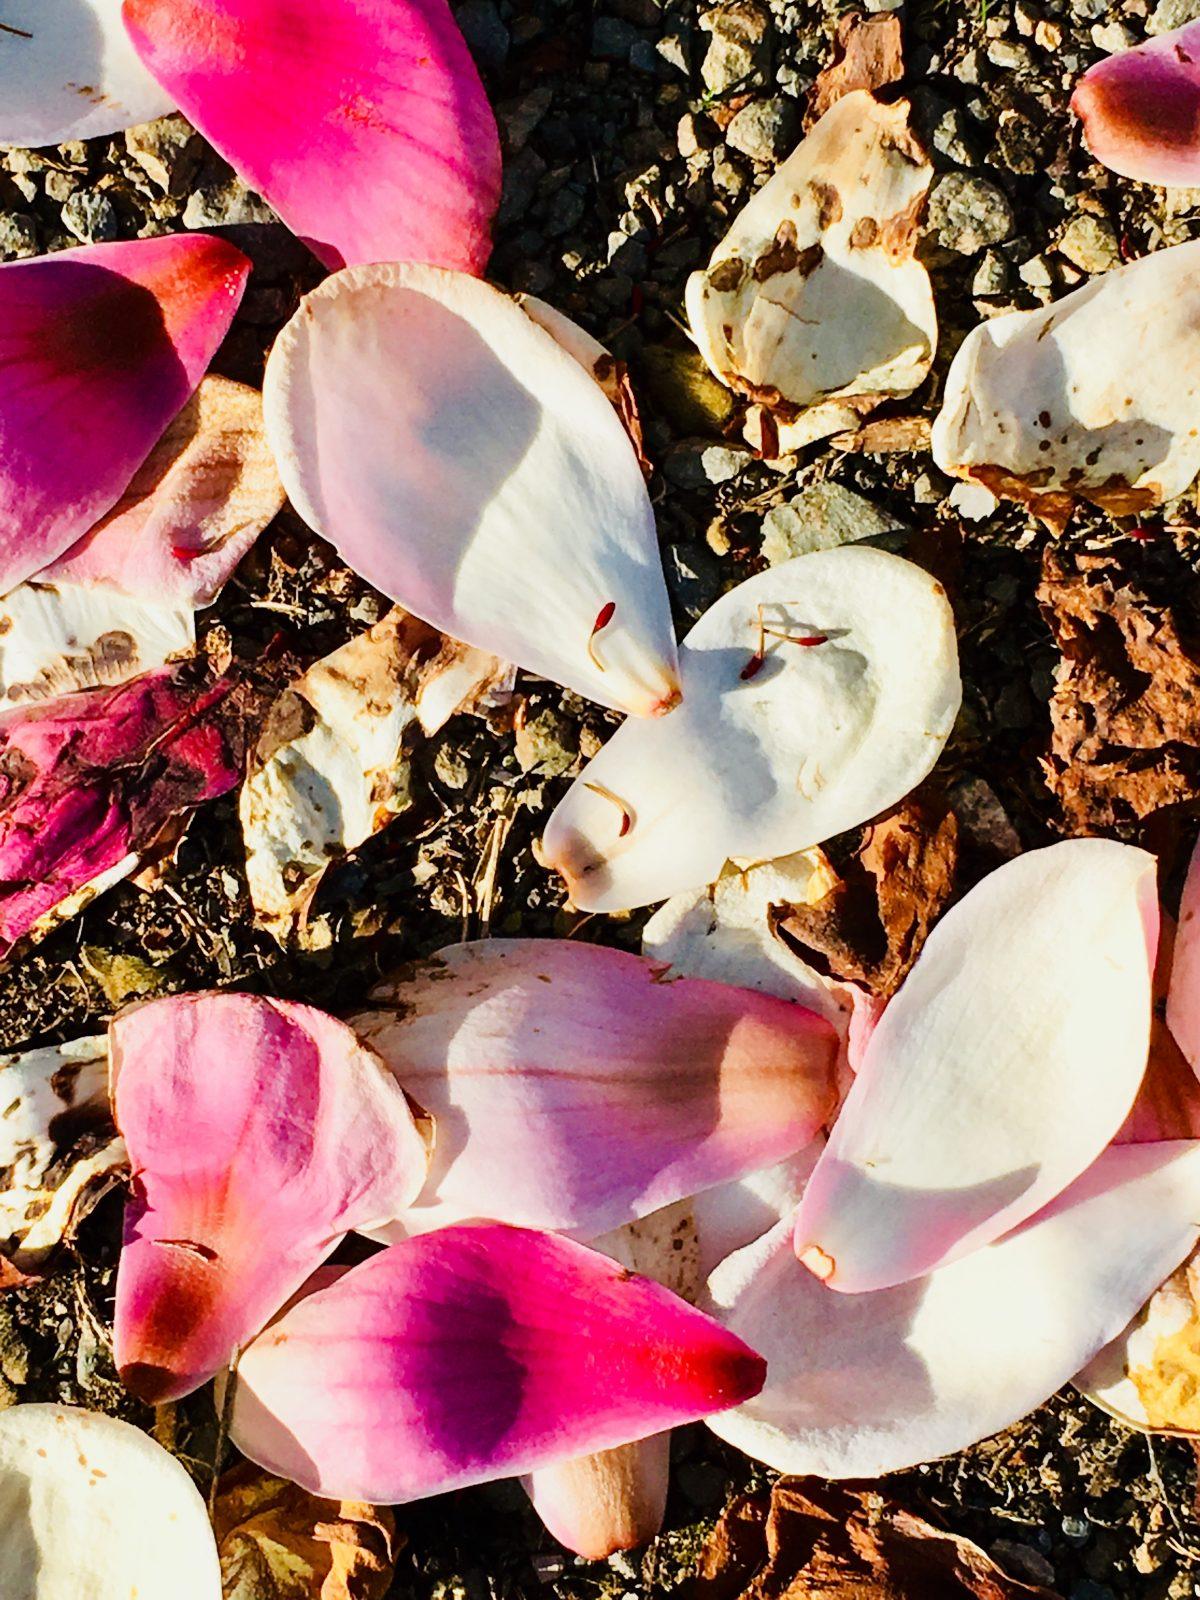 Carpet of Magnolia petals